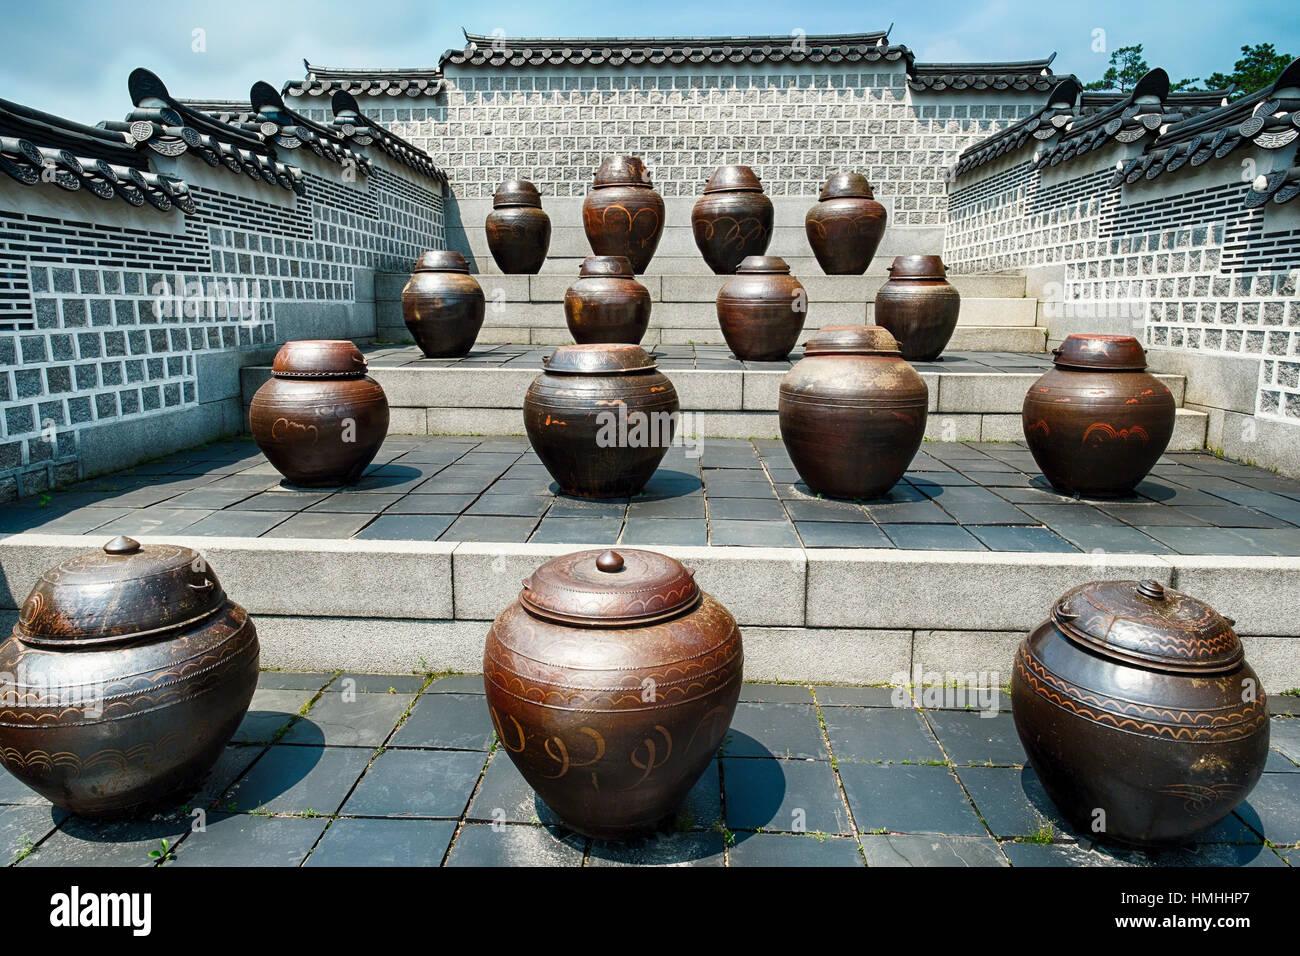 Creta grandi vasi di fermentazione a Jango in Gyeongbokgung Palace Immagini Stock